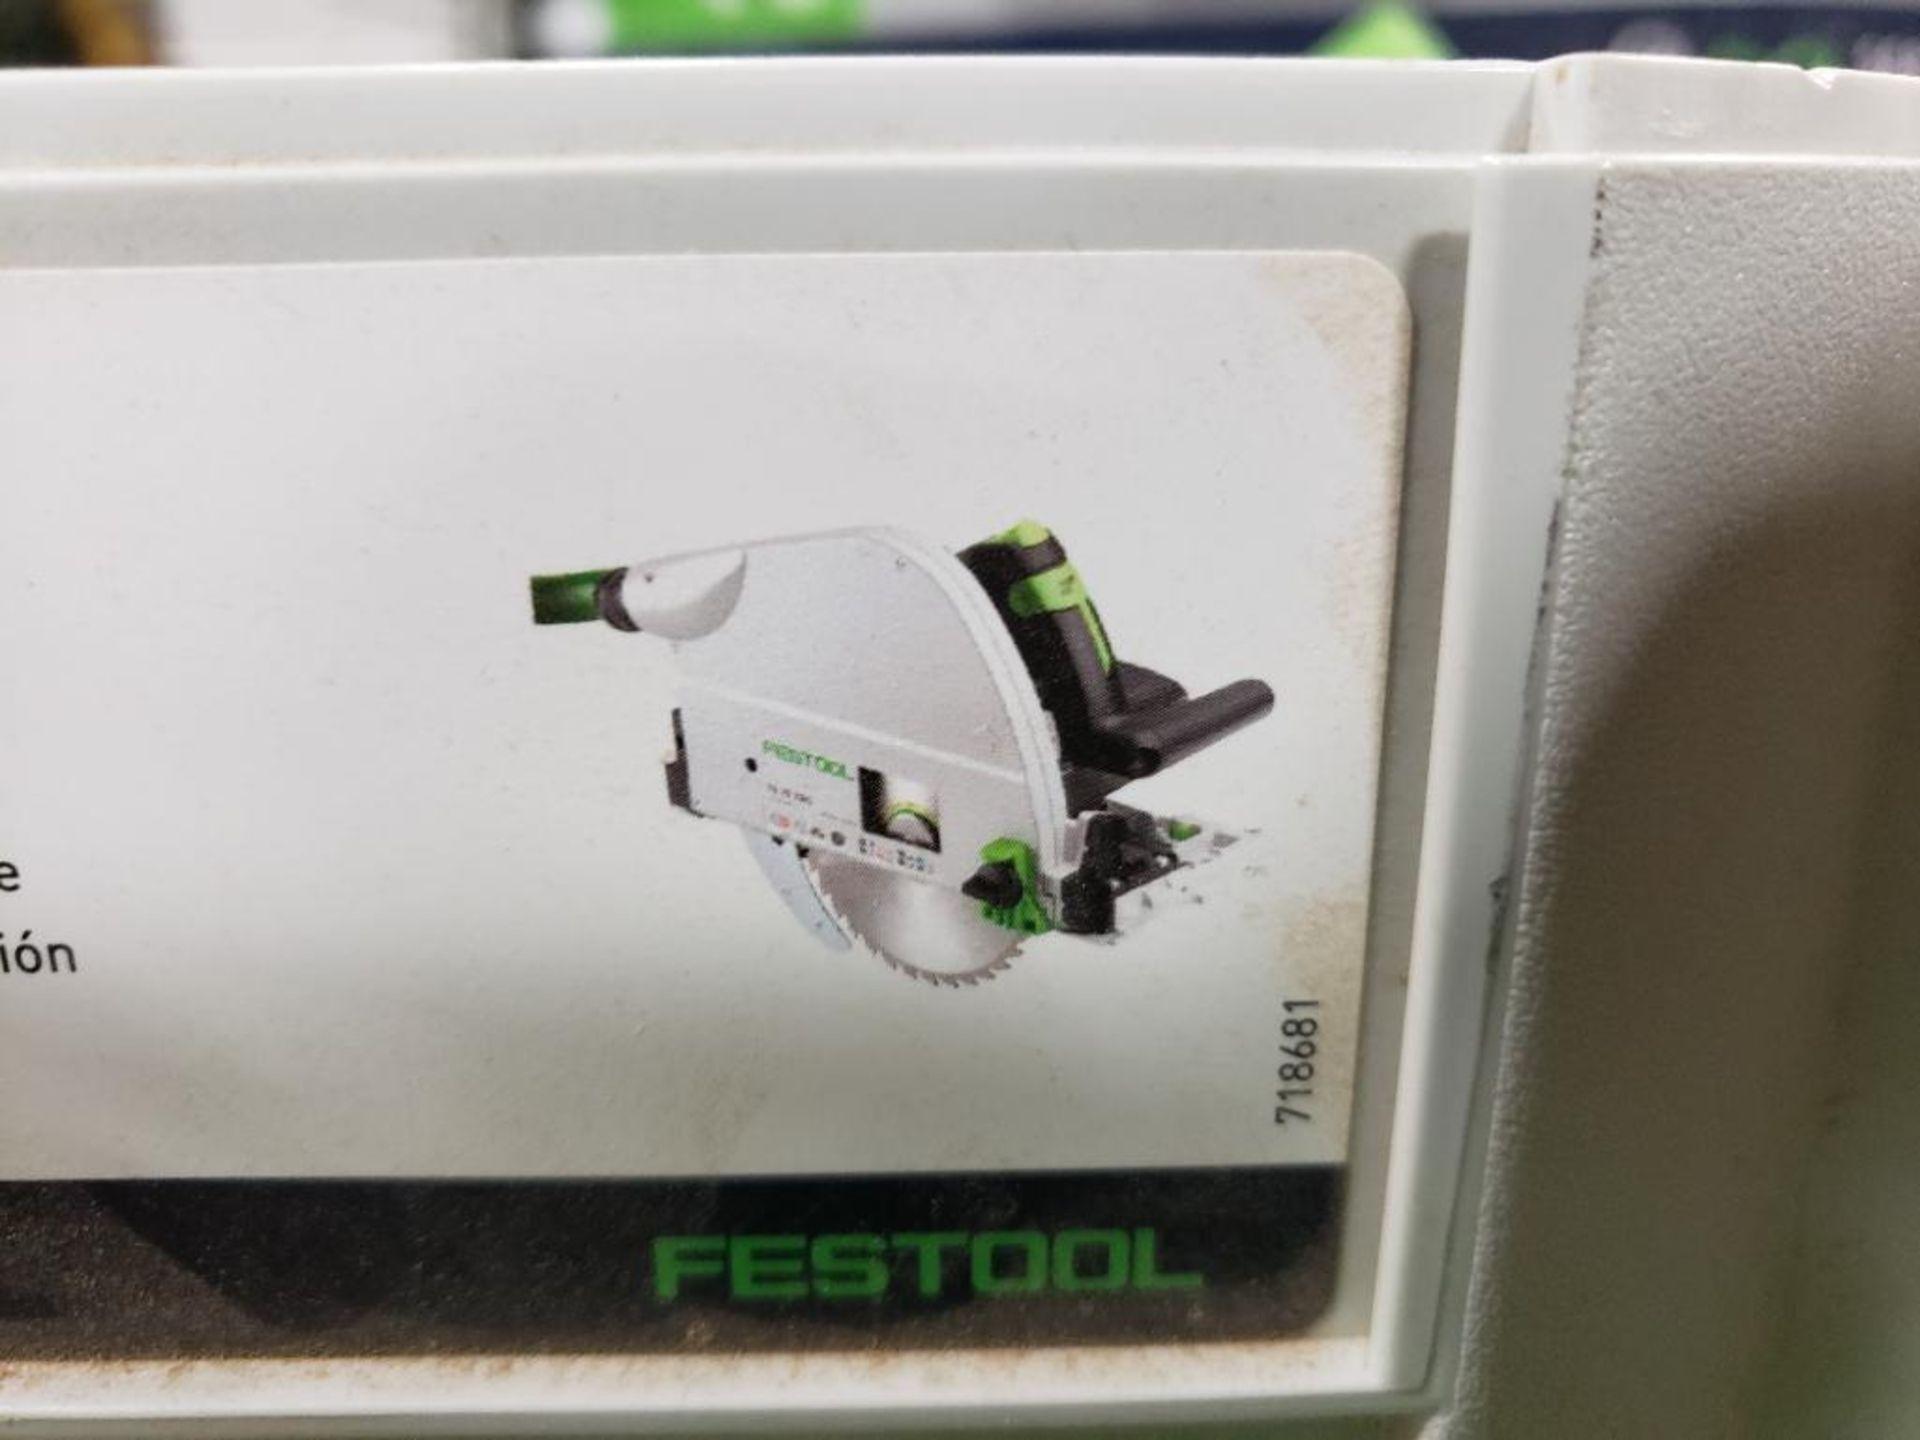 Festool TS75EQ-F-Plus USA Circular saw. 13AMP, 120V. - Image 7 of 7